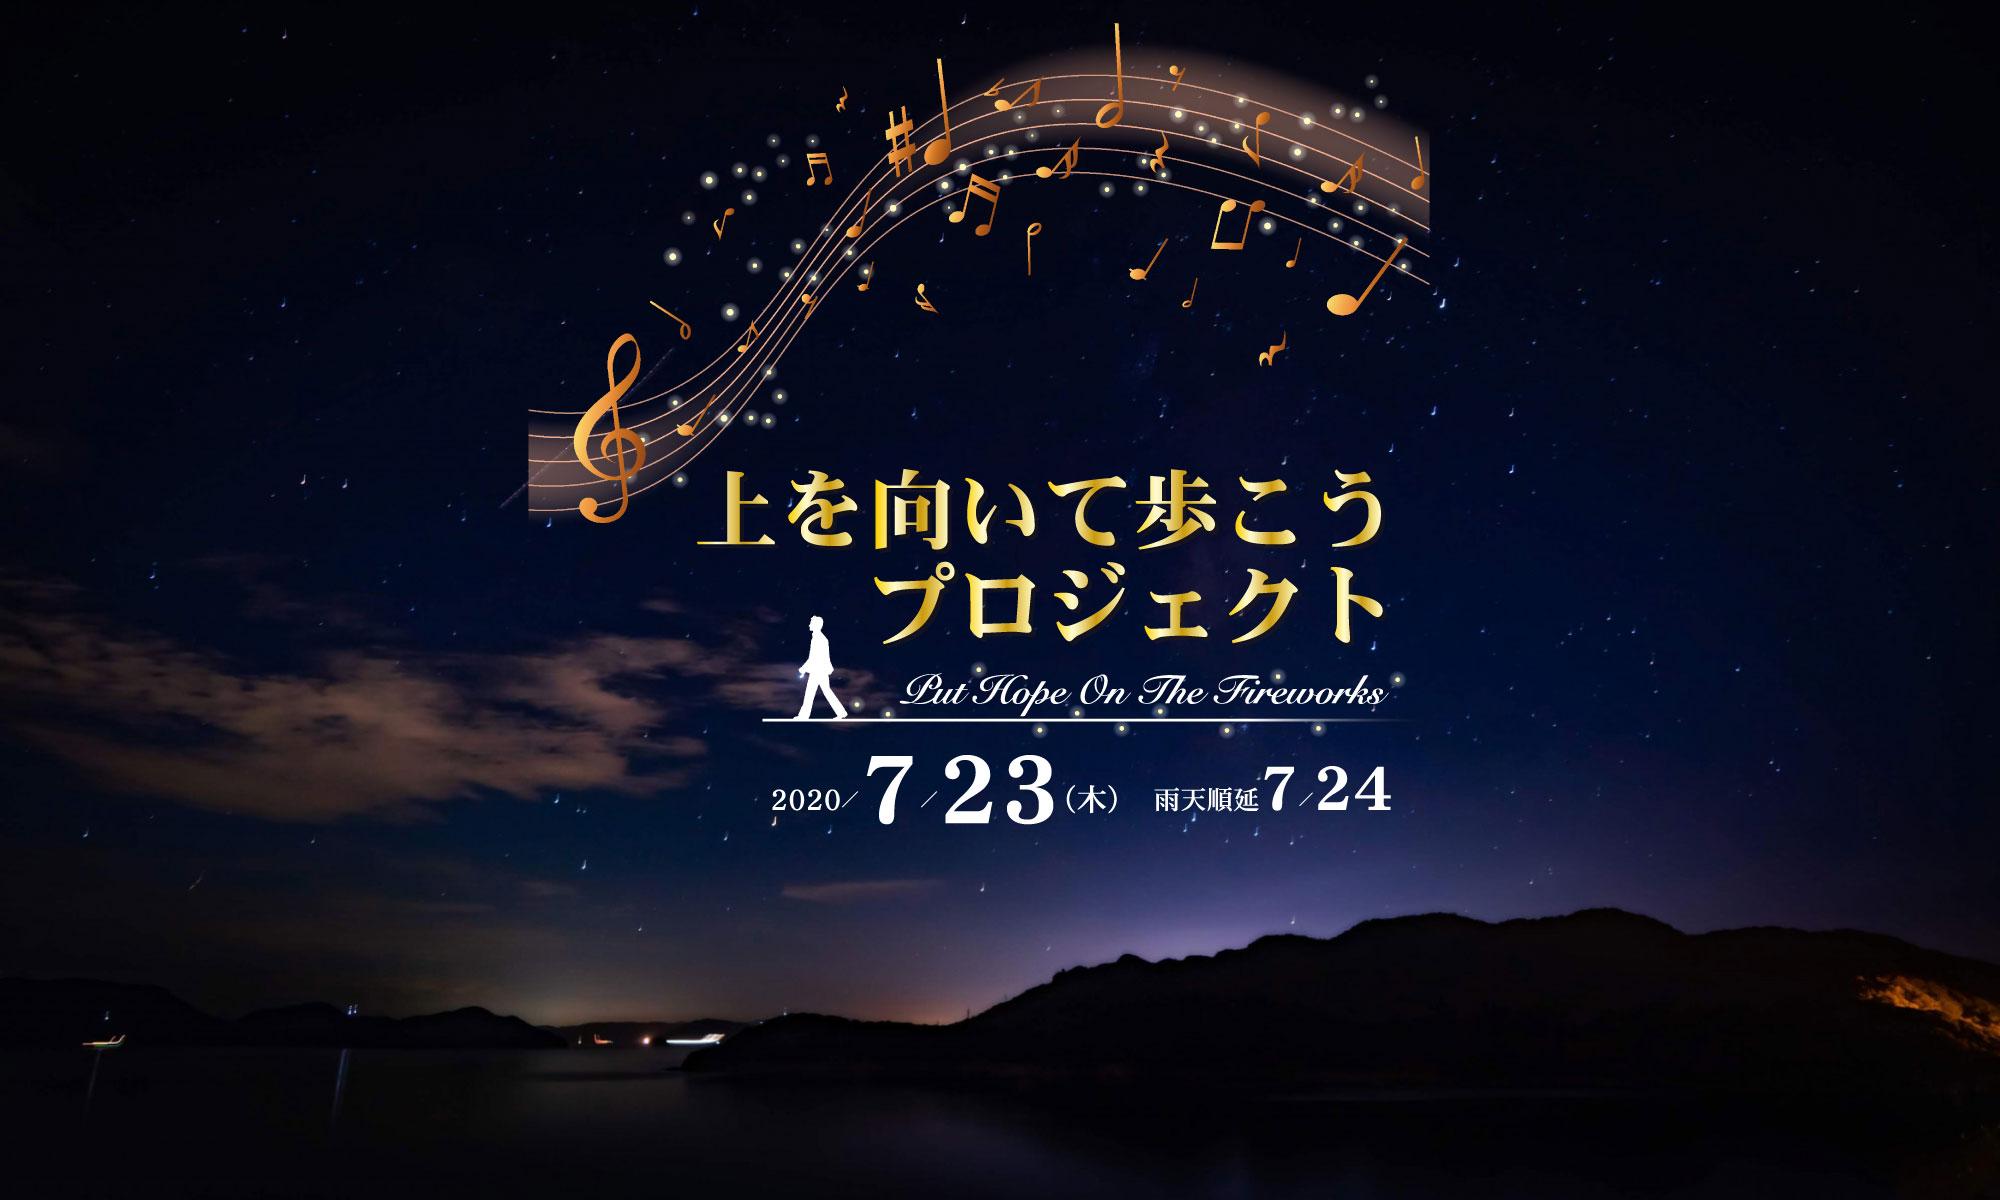 かつらぎ花火大会実行委員会